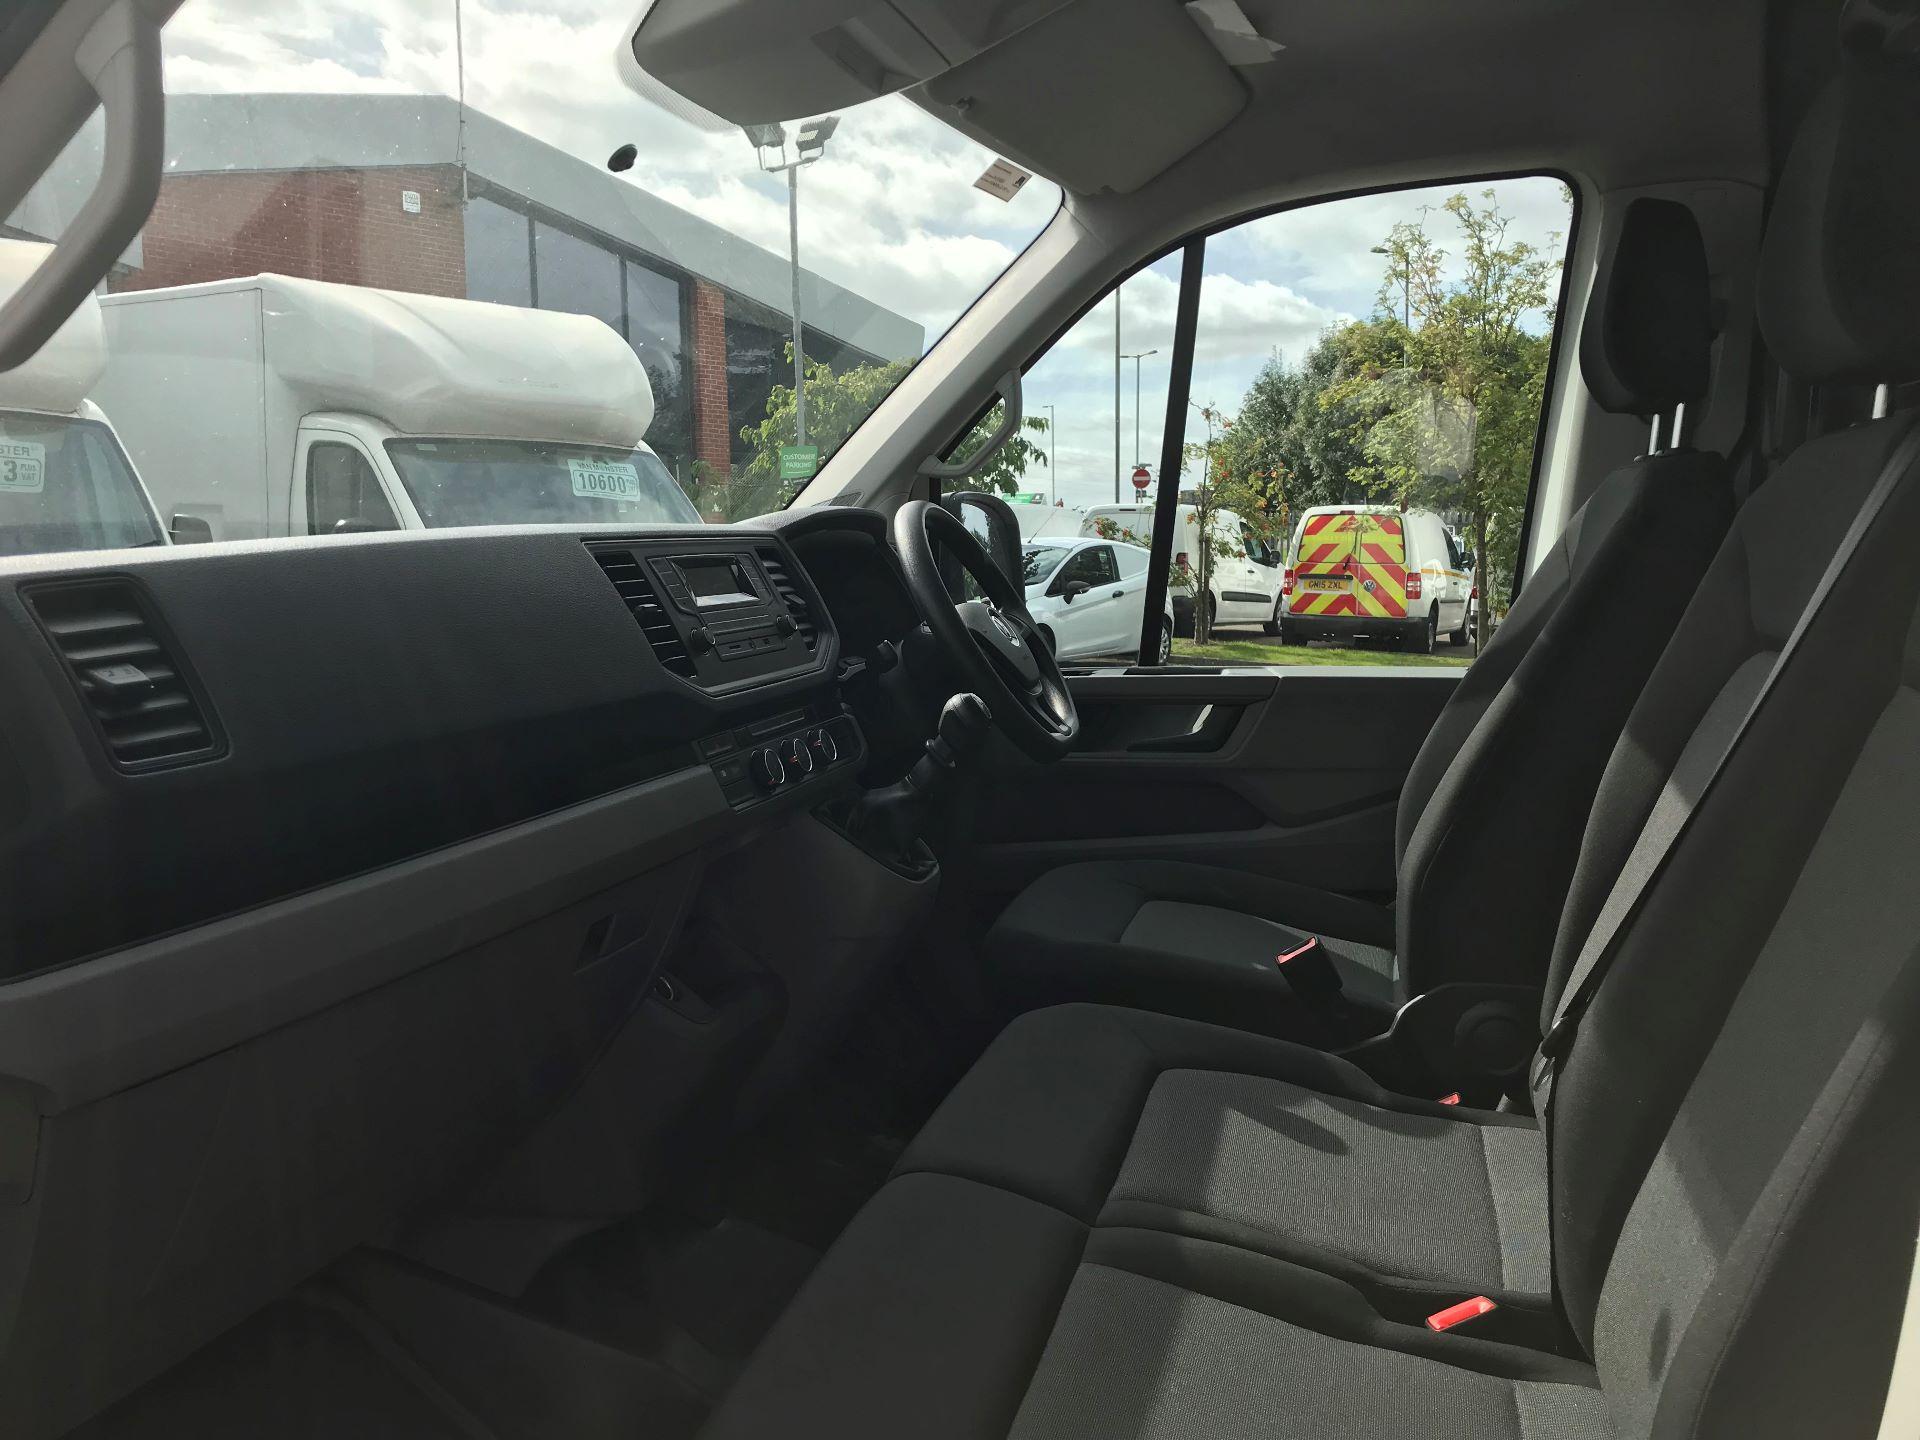 2017 Volkswagen Crafter 2.0 Tdi 140Ps Startline High Roof Van Euro 6 (GF67KXB) Image 5